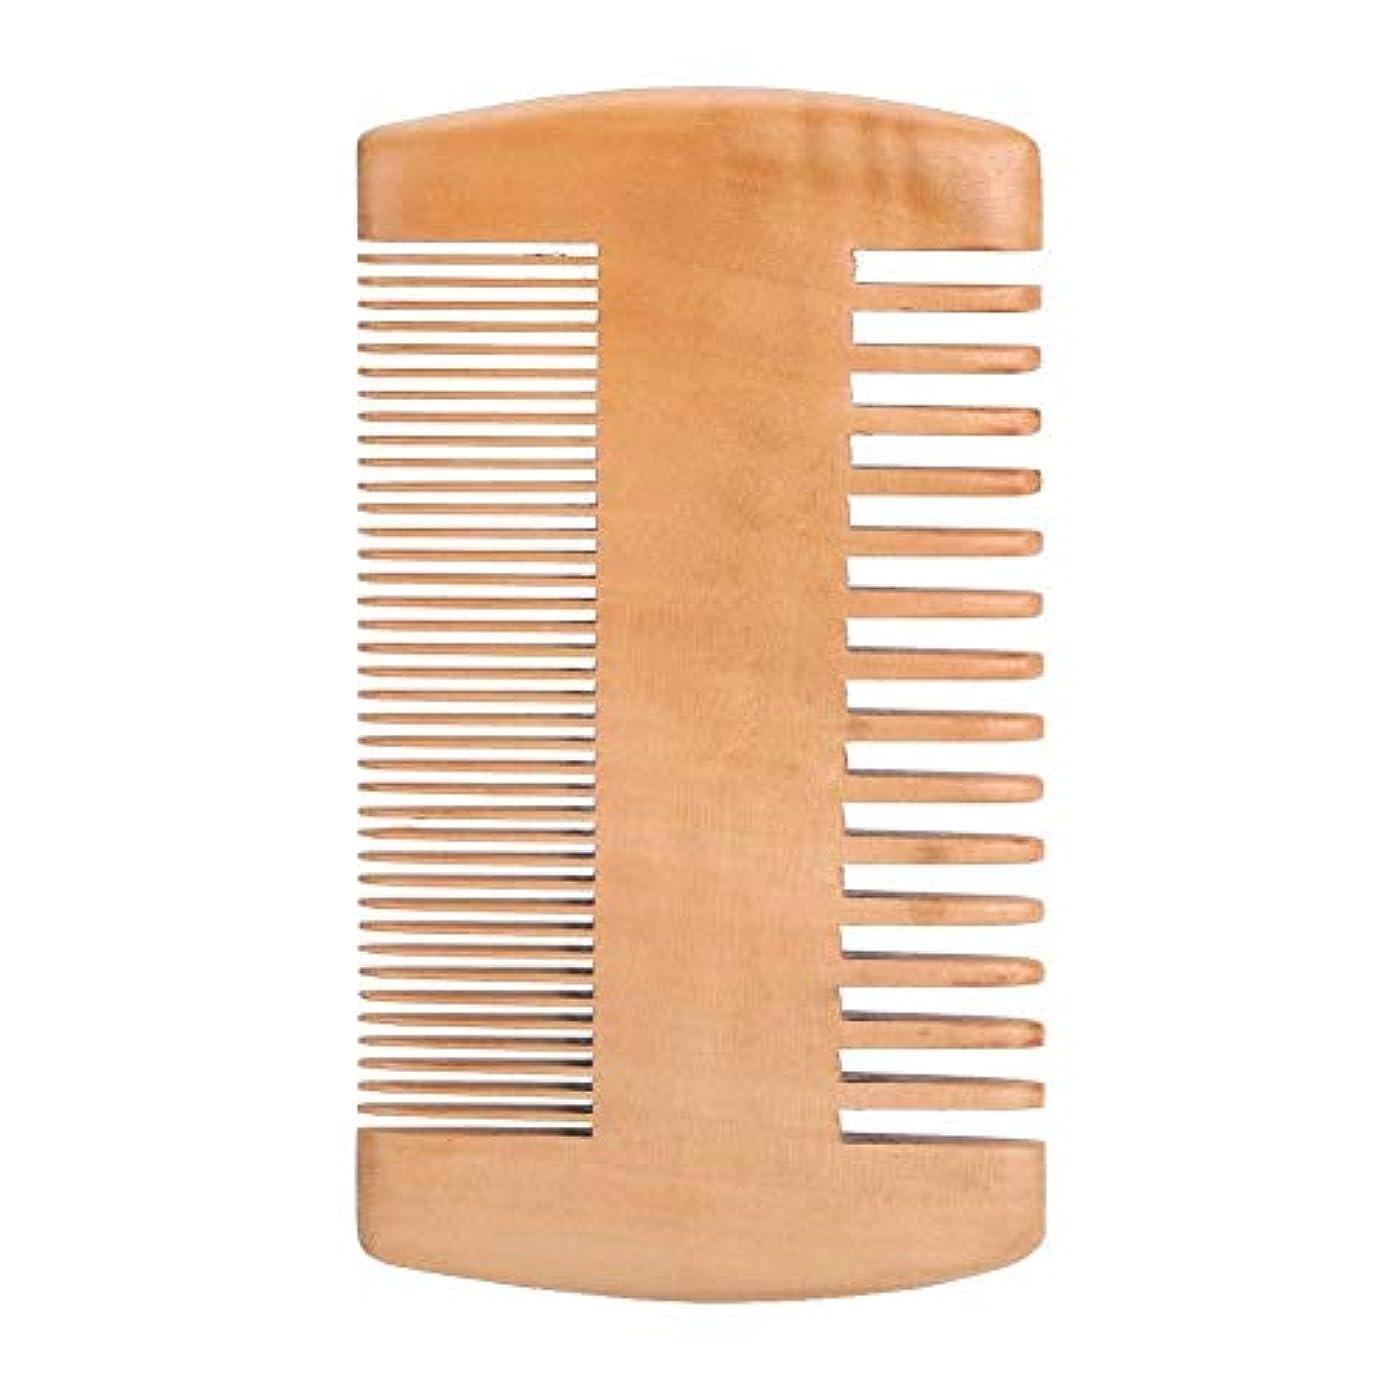 リットルつまずく中木製の抗静的ひげポケット櫛